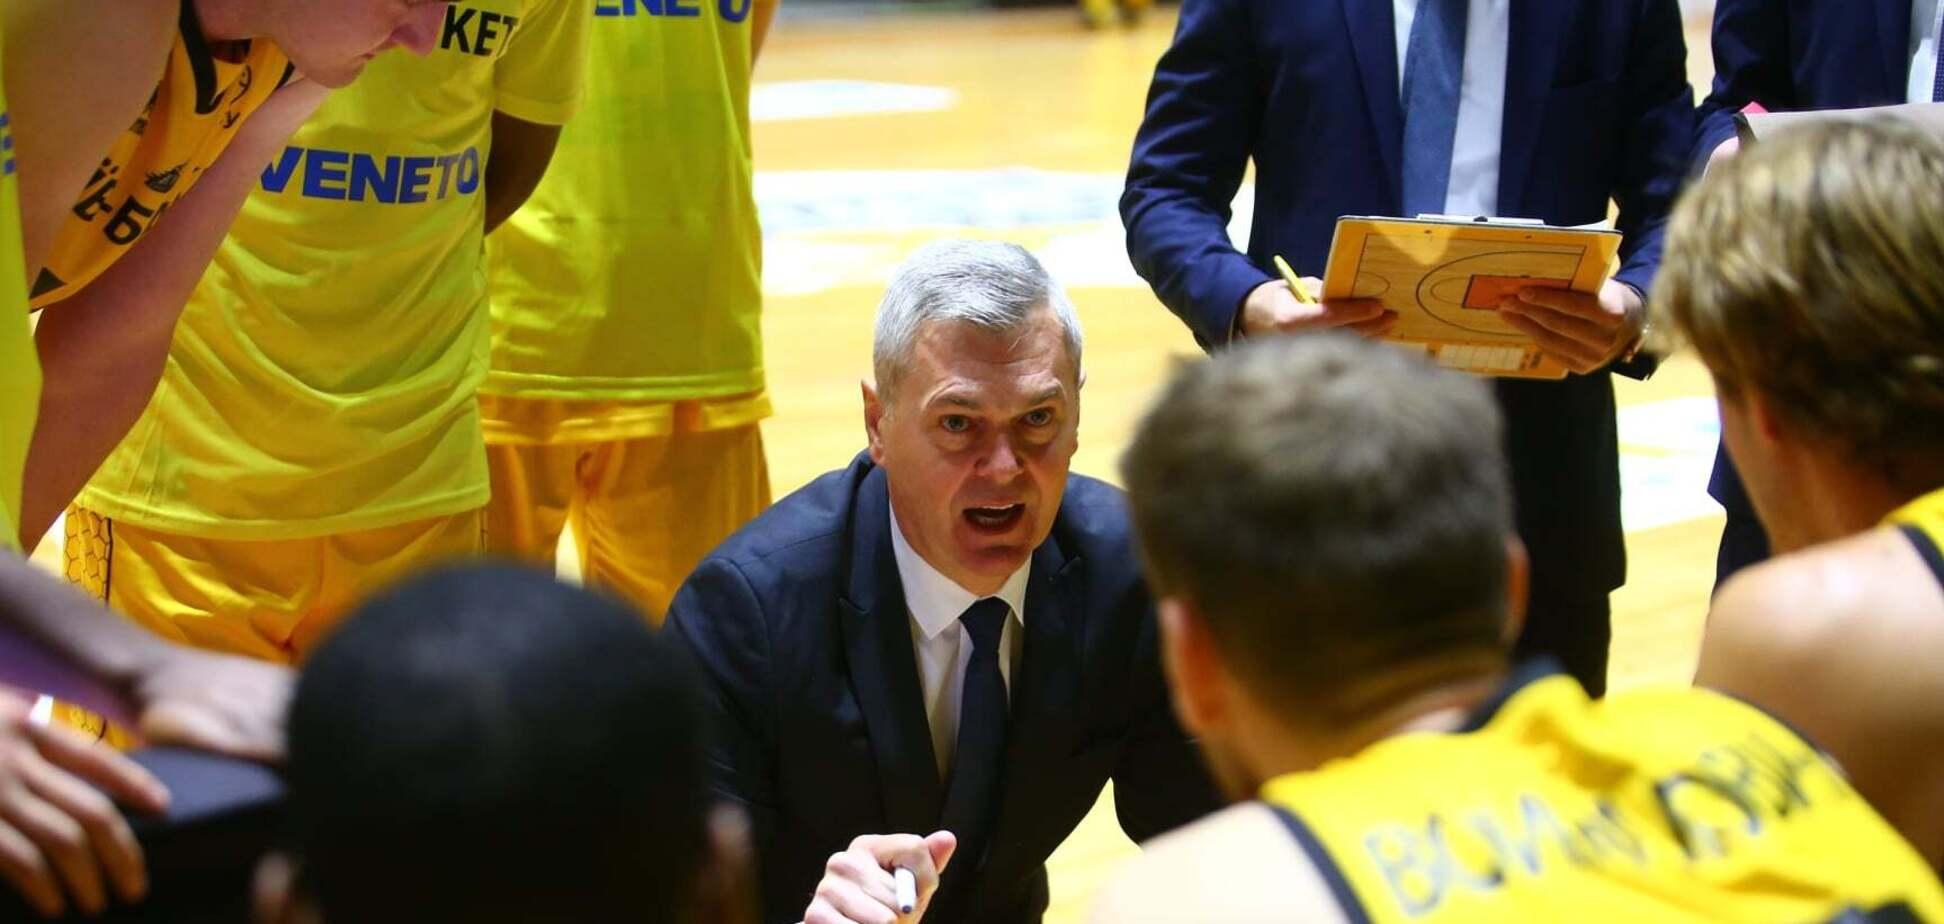 'Київ-Баскет' зіграє в Ізраїлі: анонс матчу баскетбольного єврокубку